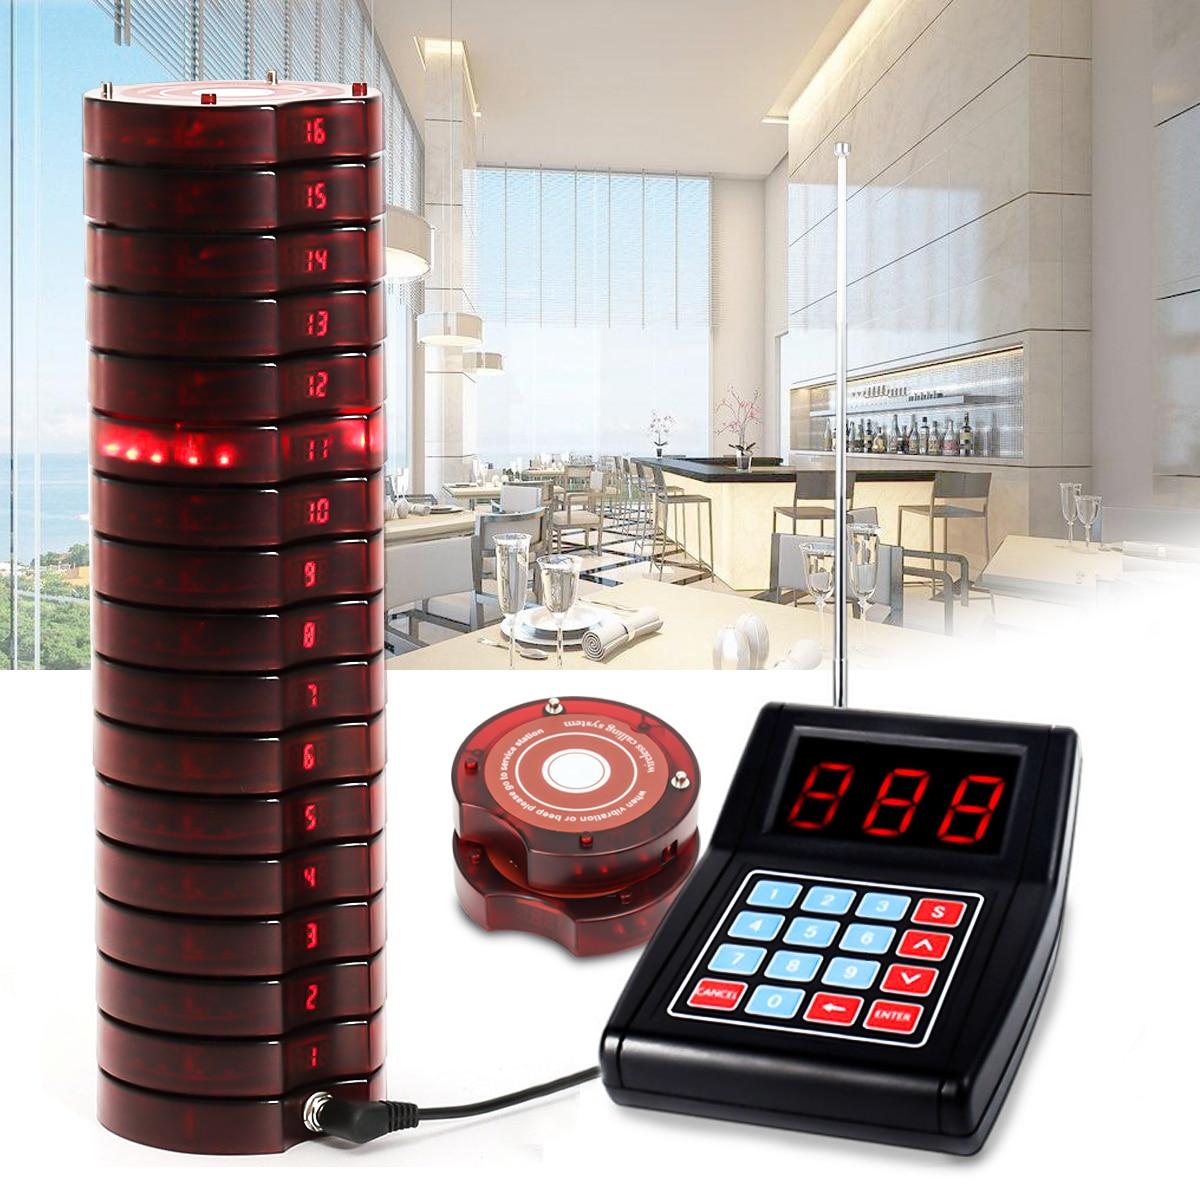 Système d'appel de mise en file d'attente sans fil de téléavertisseur de Restaurant 1 canal de l'émetteur 999 avec 10 équipements de Restaurant de téléavertisseurs de caboteur